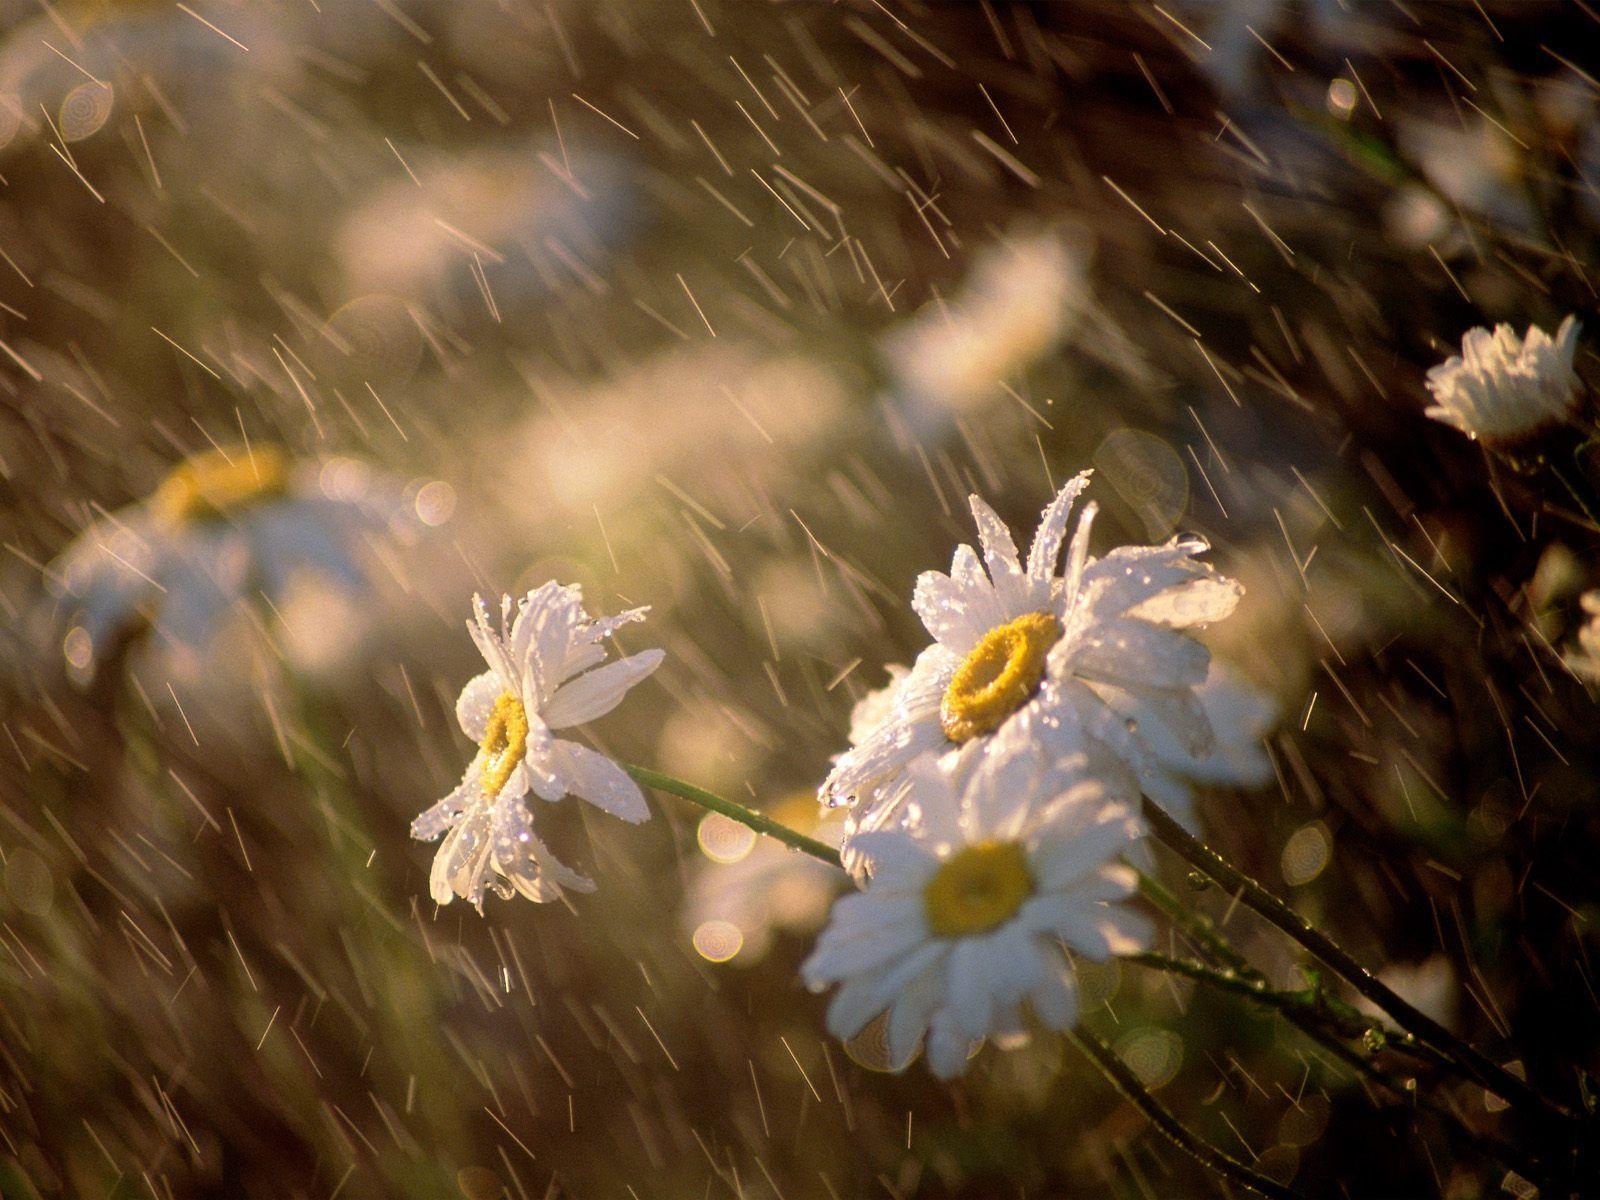 http://1.bp.blogspot.com/-DWgdzvEFWXA/UKIr4yTOgiI/AAAAAAAADWU/gk7TlchwS_w/s1600/wallpaper-chuva-nas-flores-4080.jpg